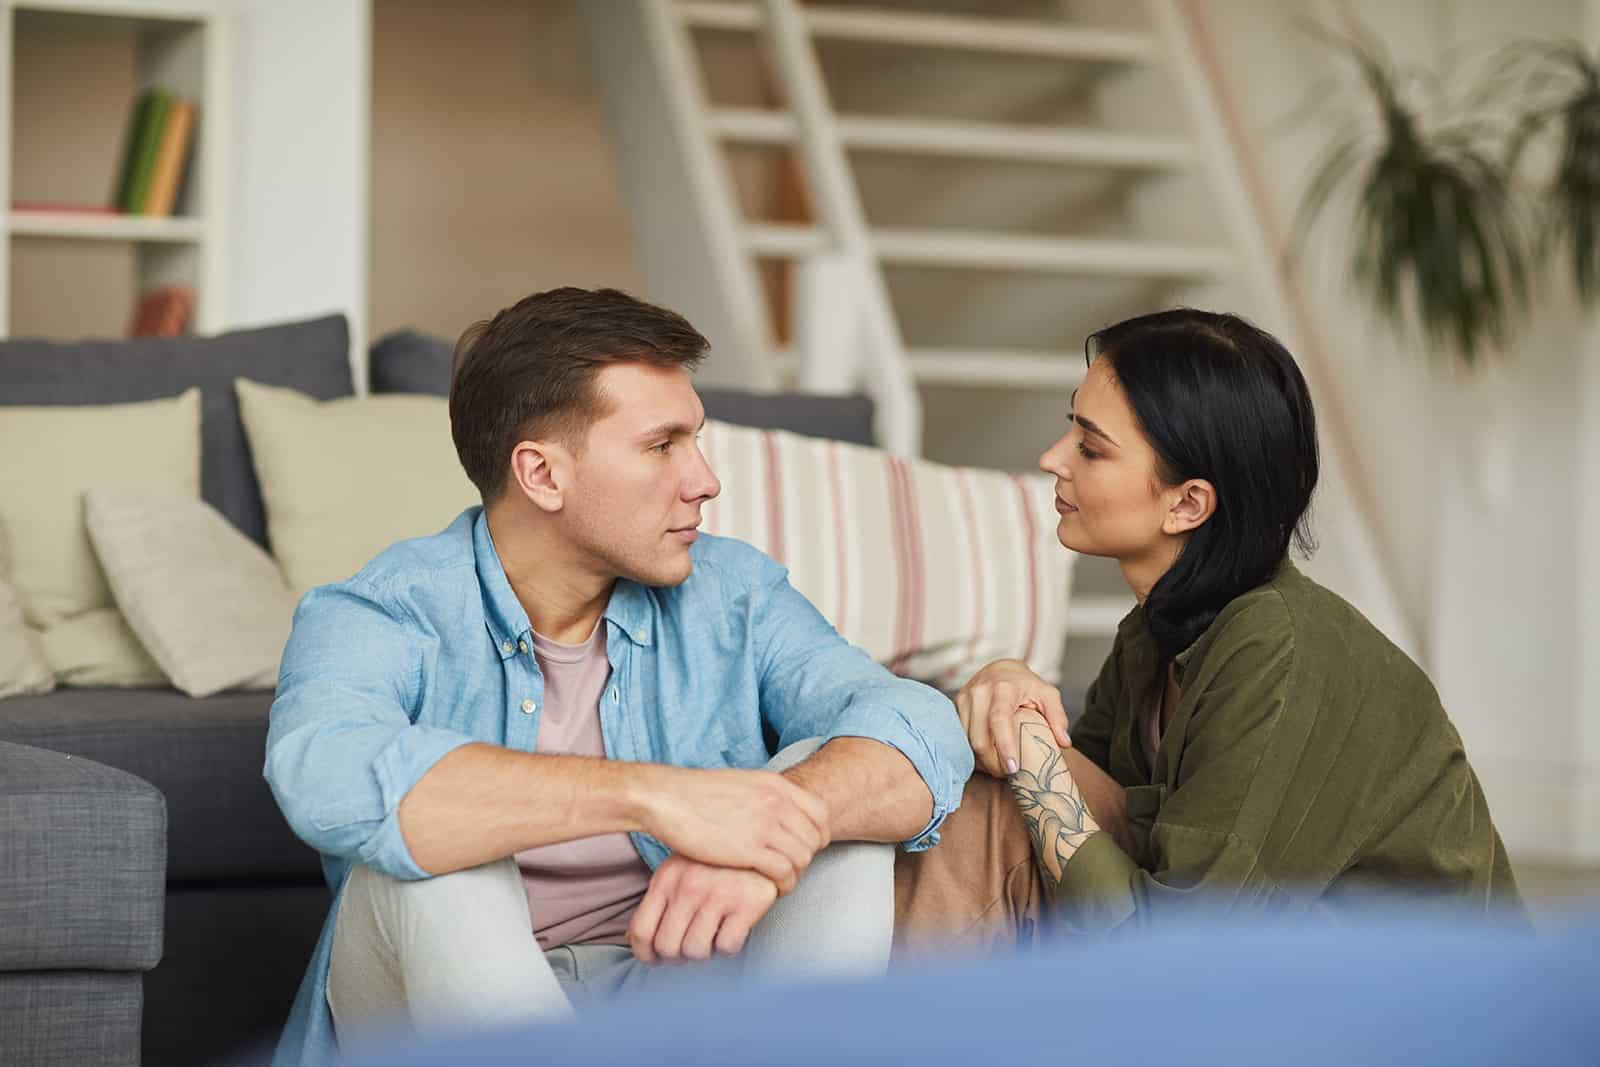 Ein Paar sitzt zu Hause auf dem Boden und redet